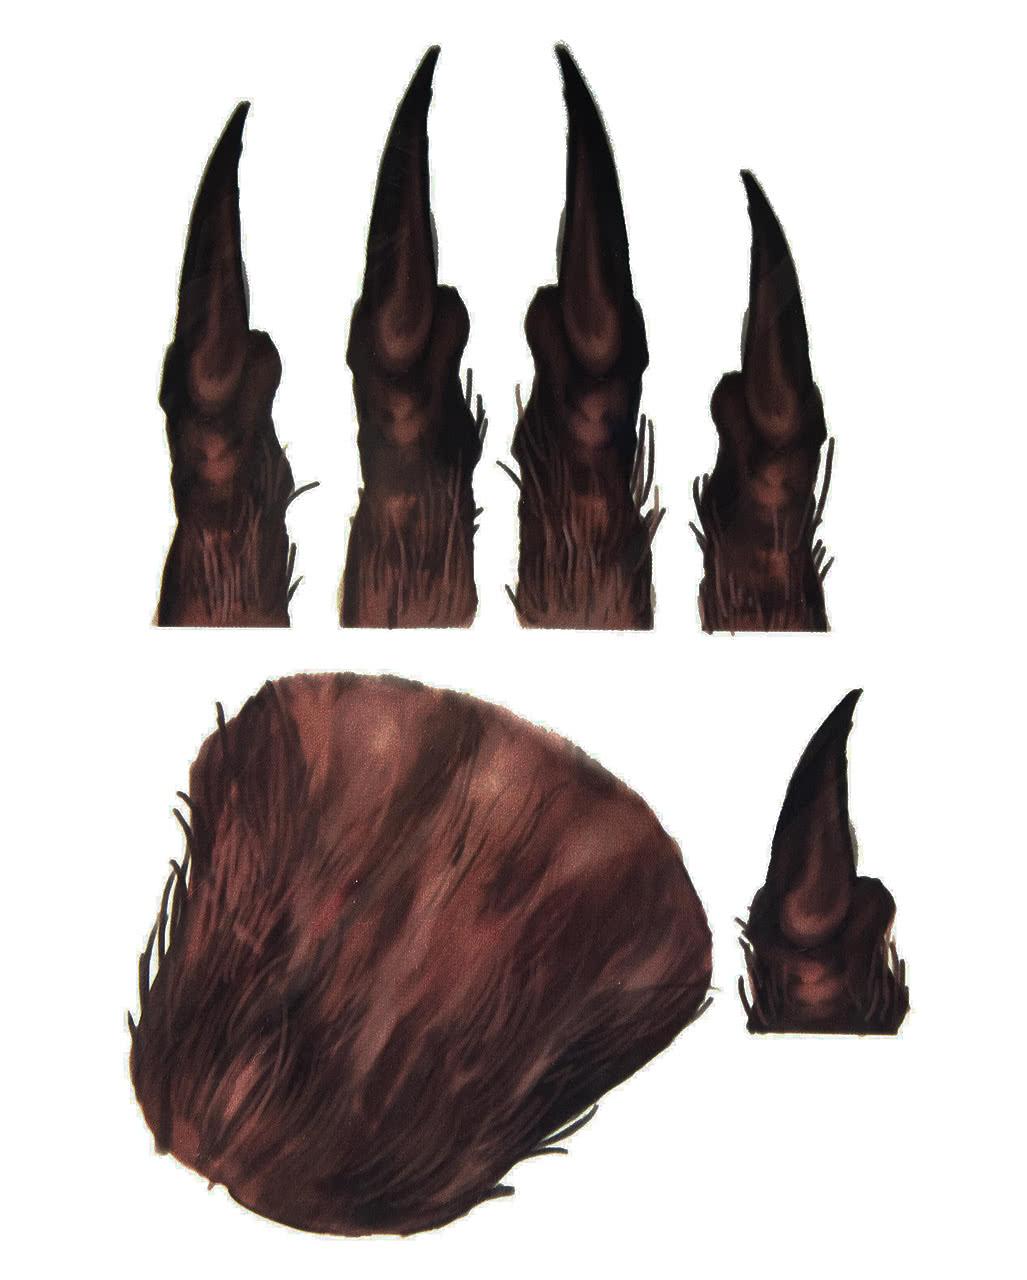 Werwolf Handtattoo Aufklebetattoo Für Halloween Horror Shopcom